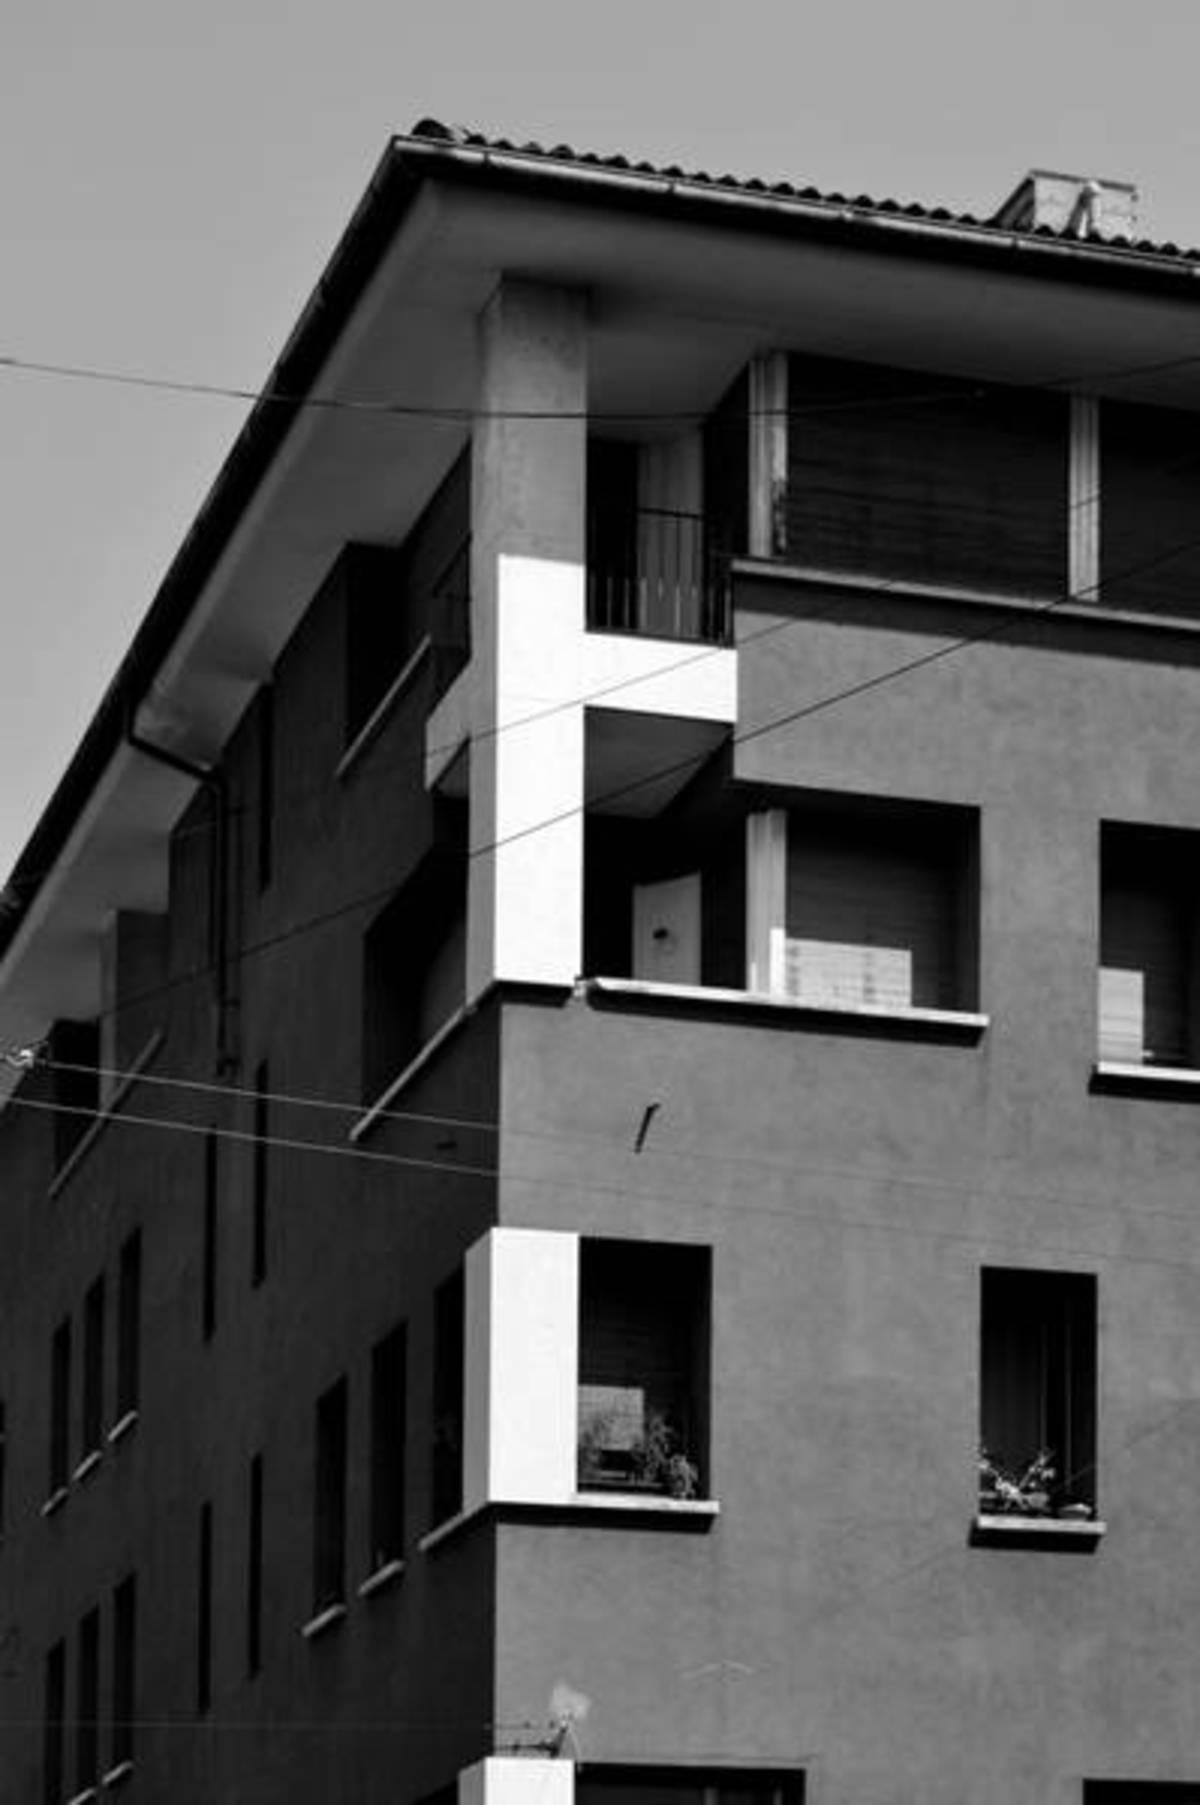 Milano design weekend scoprire la milano segreta for Via magistretti milano